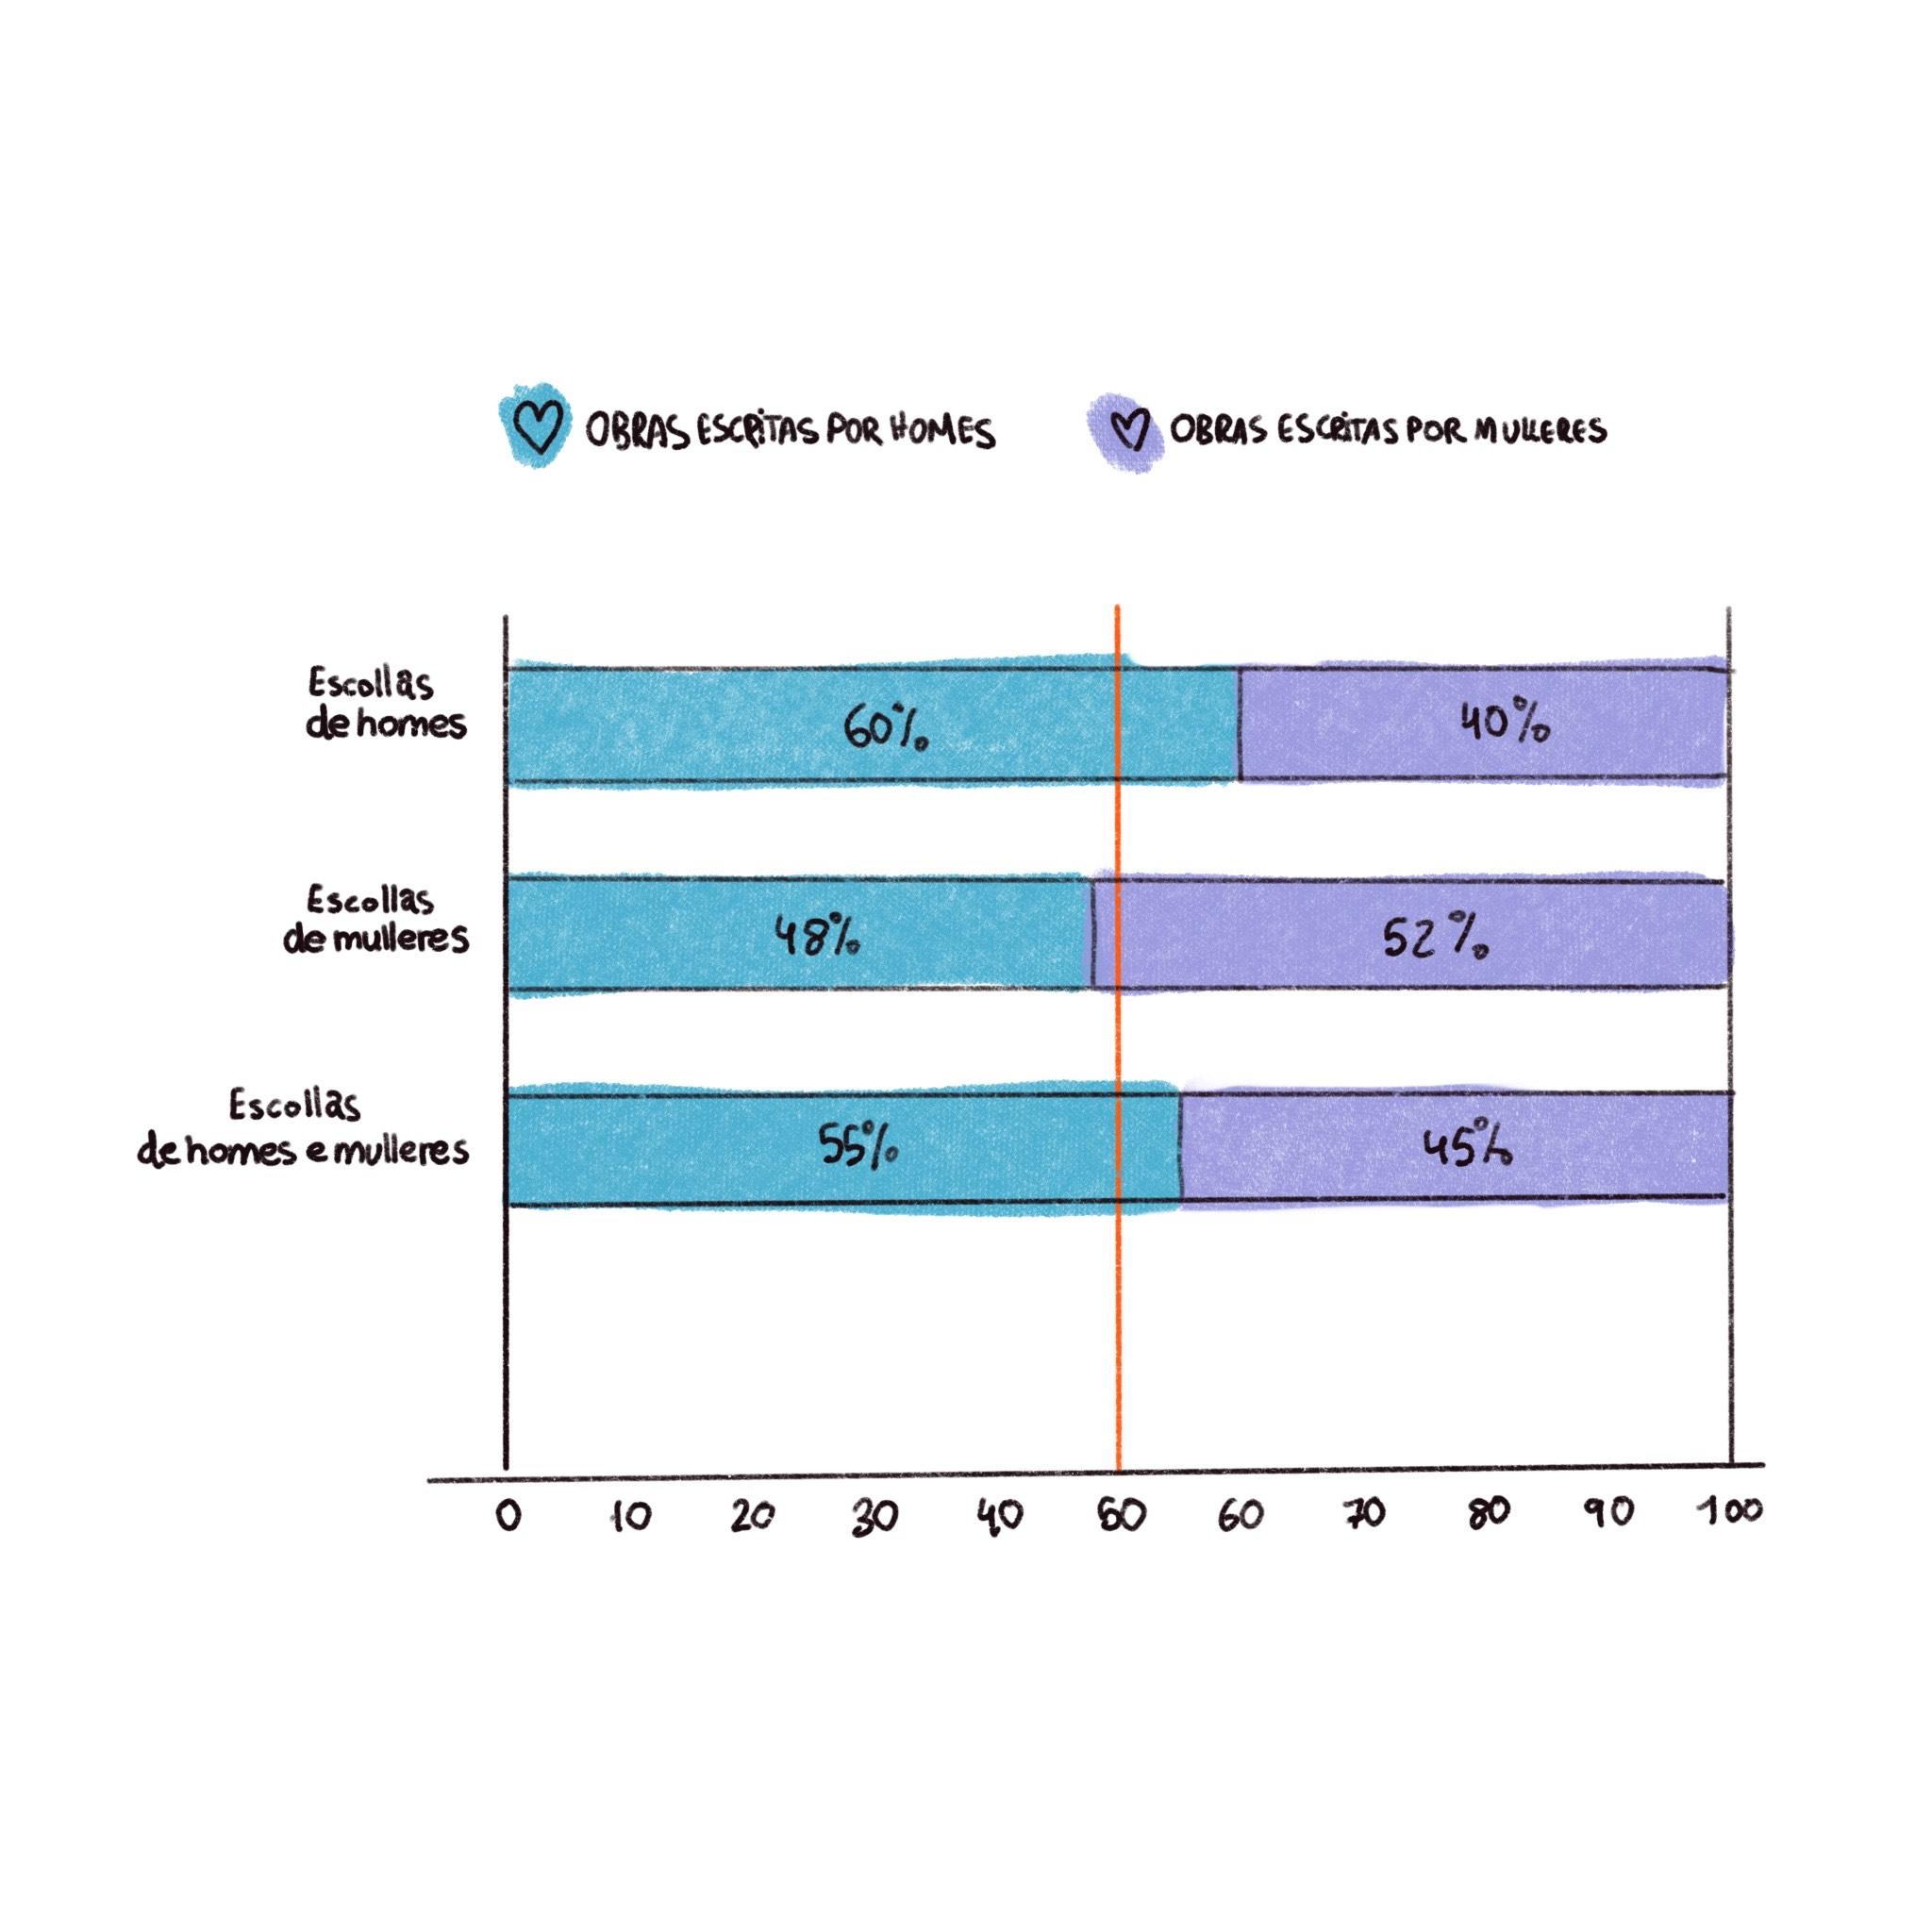 Porcentaxe de obras escritas por homes ou mulleres segundo o xénero de quen elixe